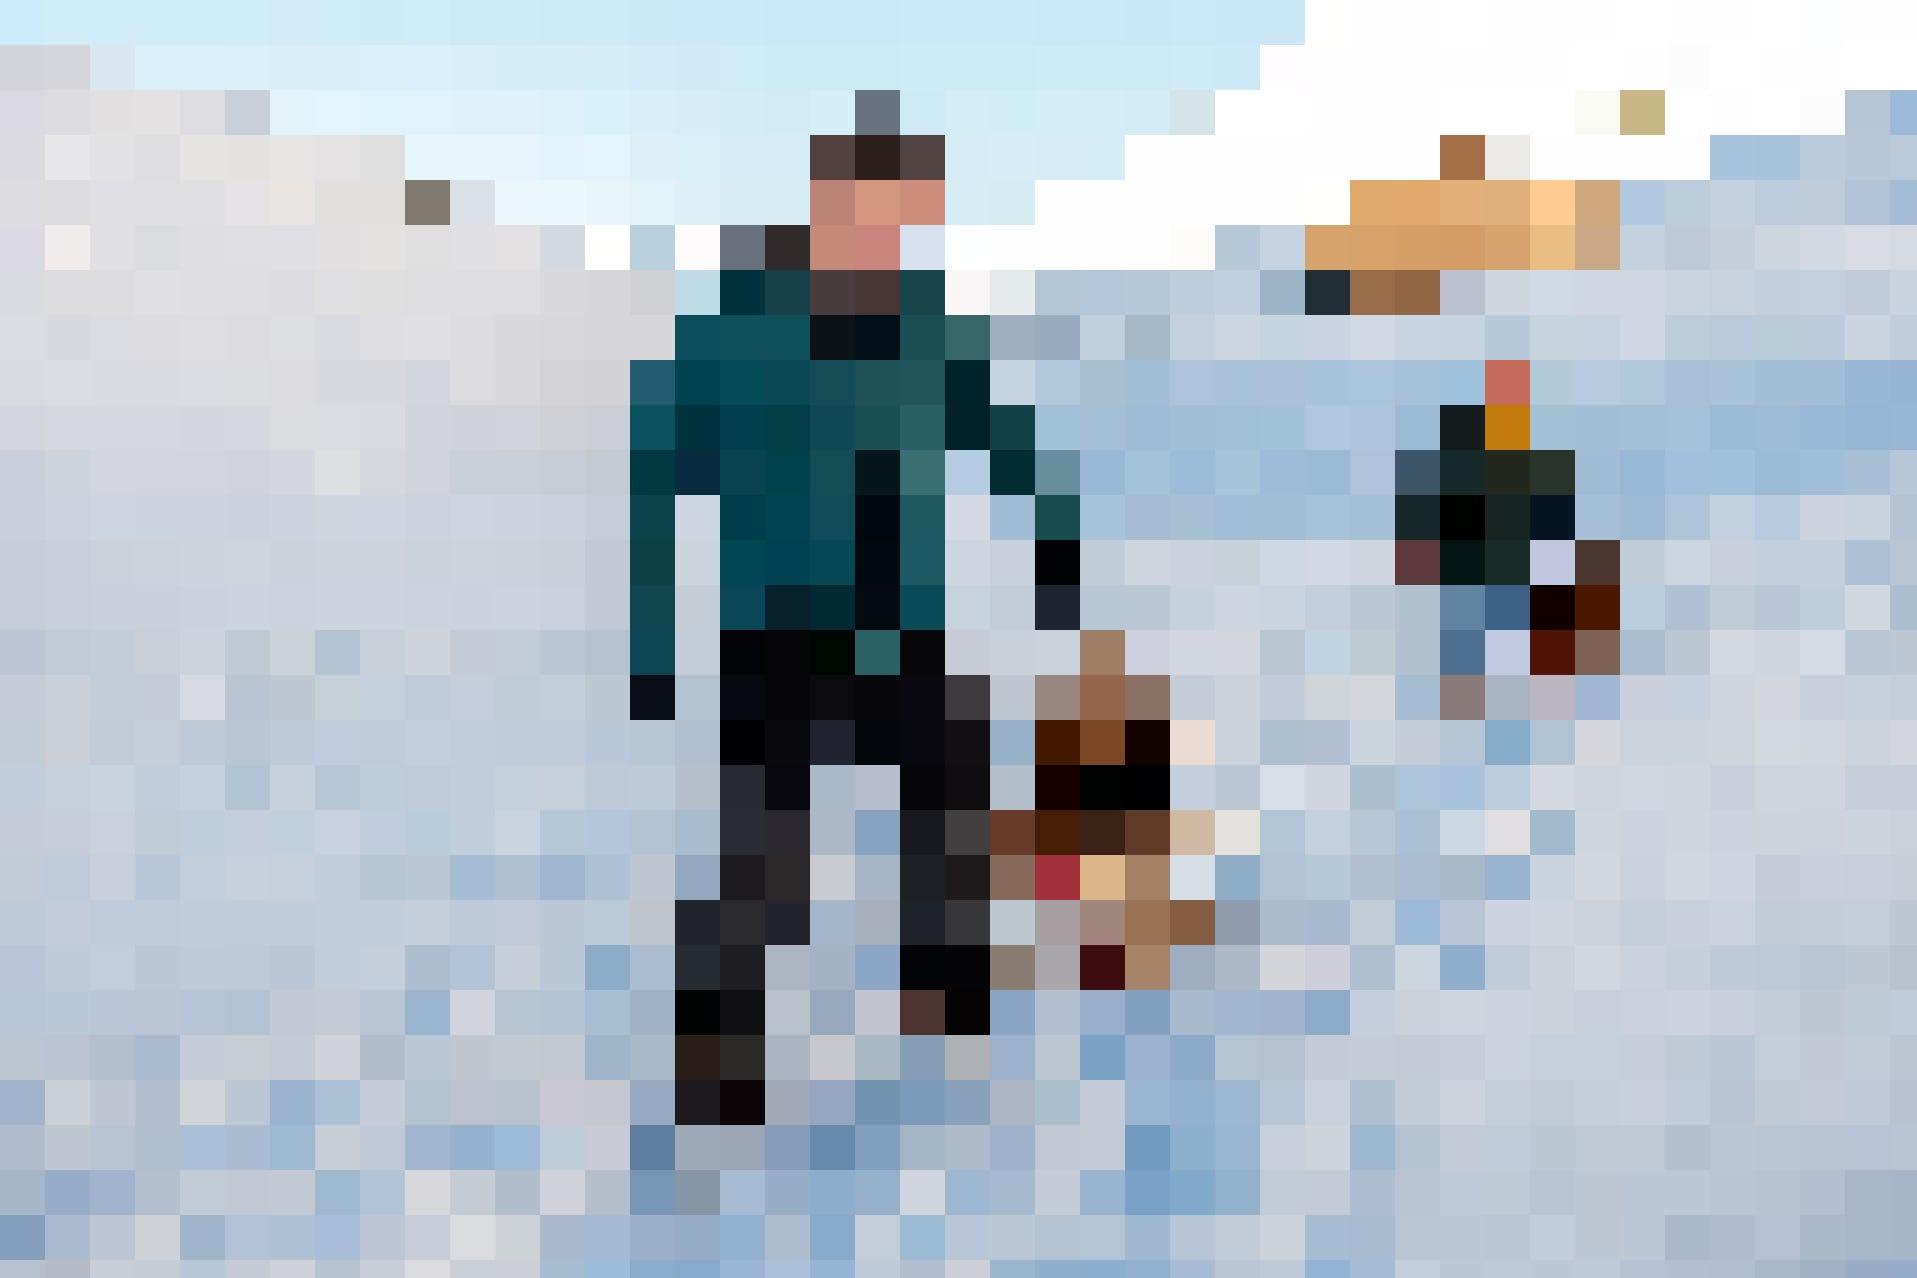 Malgré le froid, Pascal, Andrea et les jumeaux ont profité de l'incroyable sérénité ambiante et des paysages à couper le souffle.